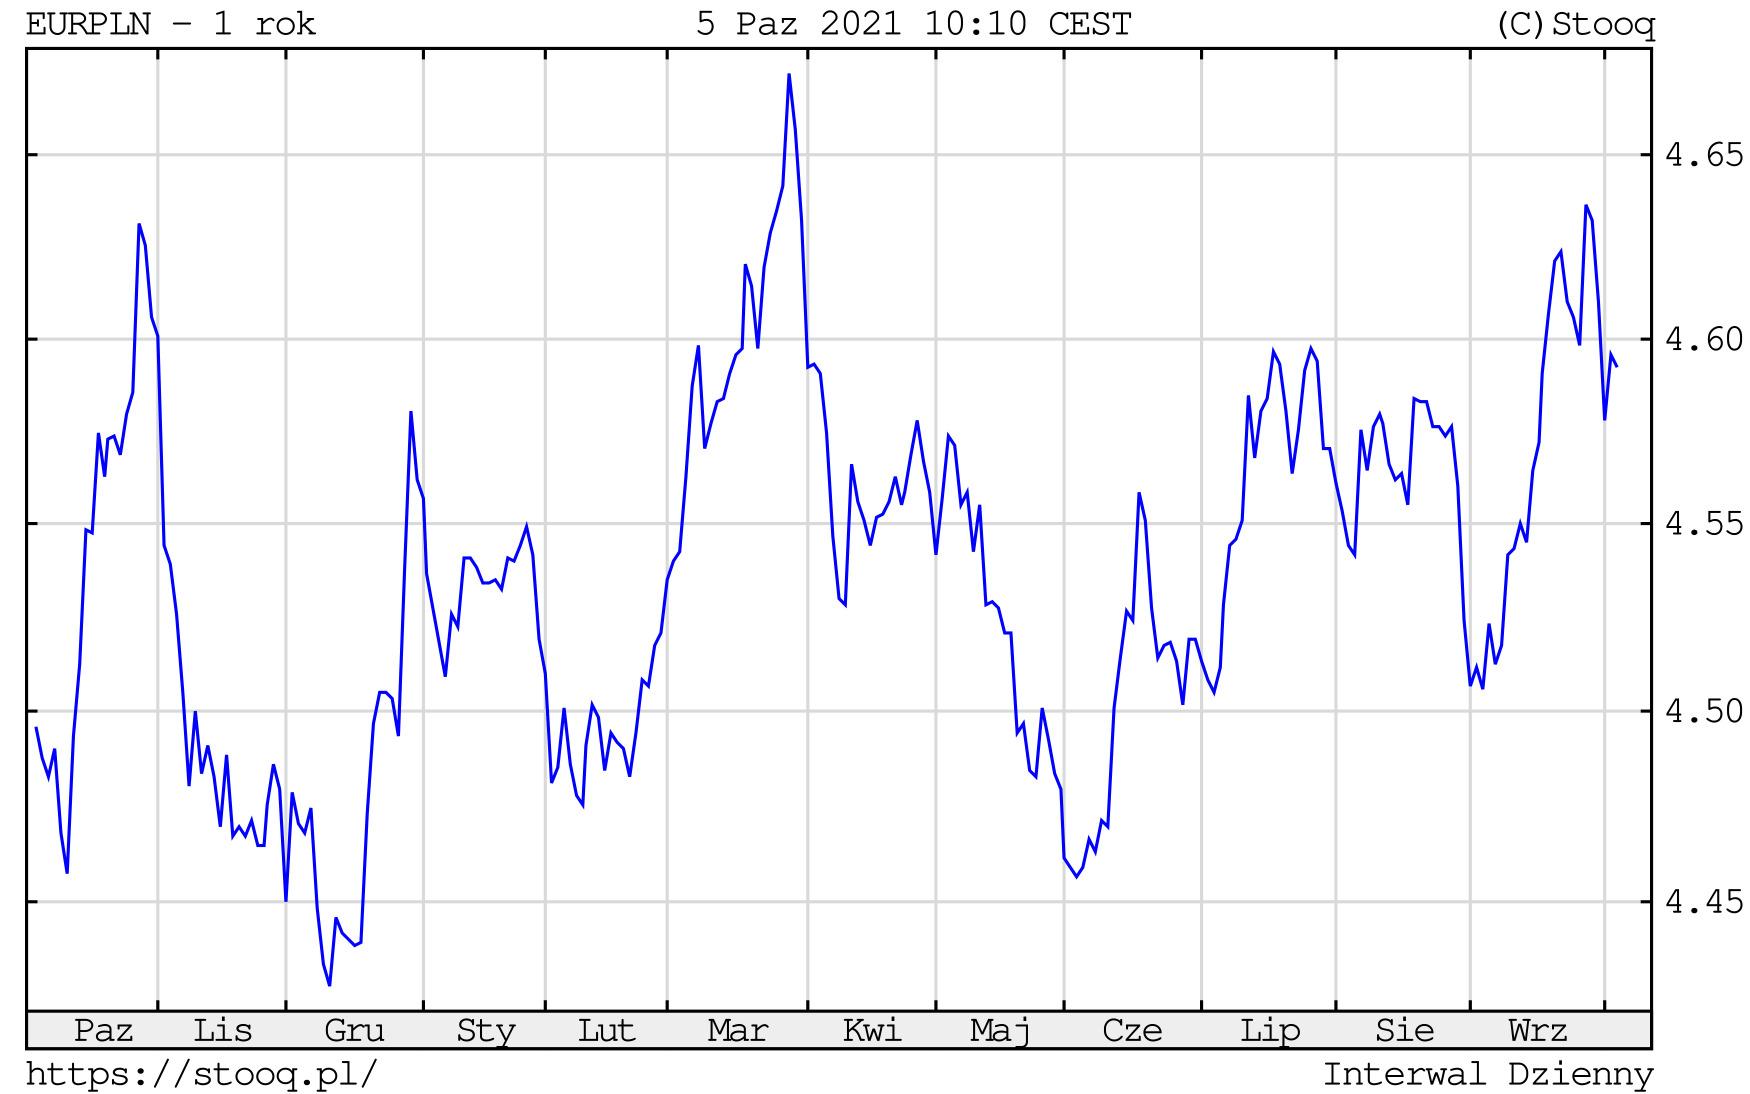 Kurs euro we wtorek, 5 października 2021 roku. Notowania EURPLN na wykresie dziennym